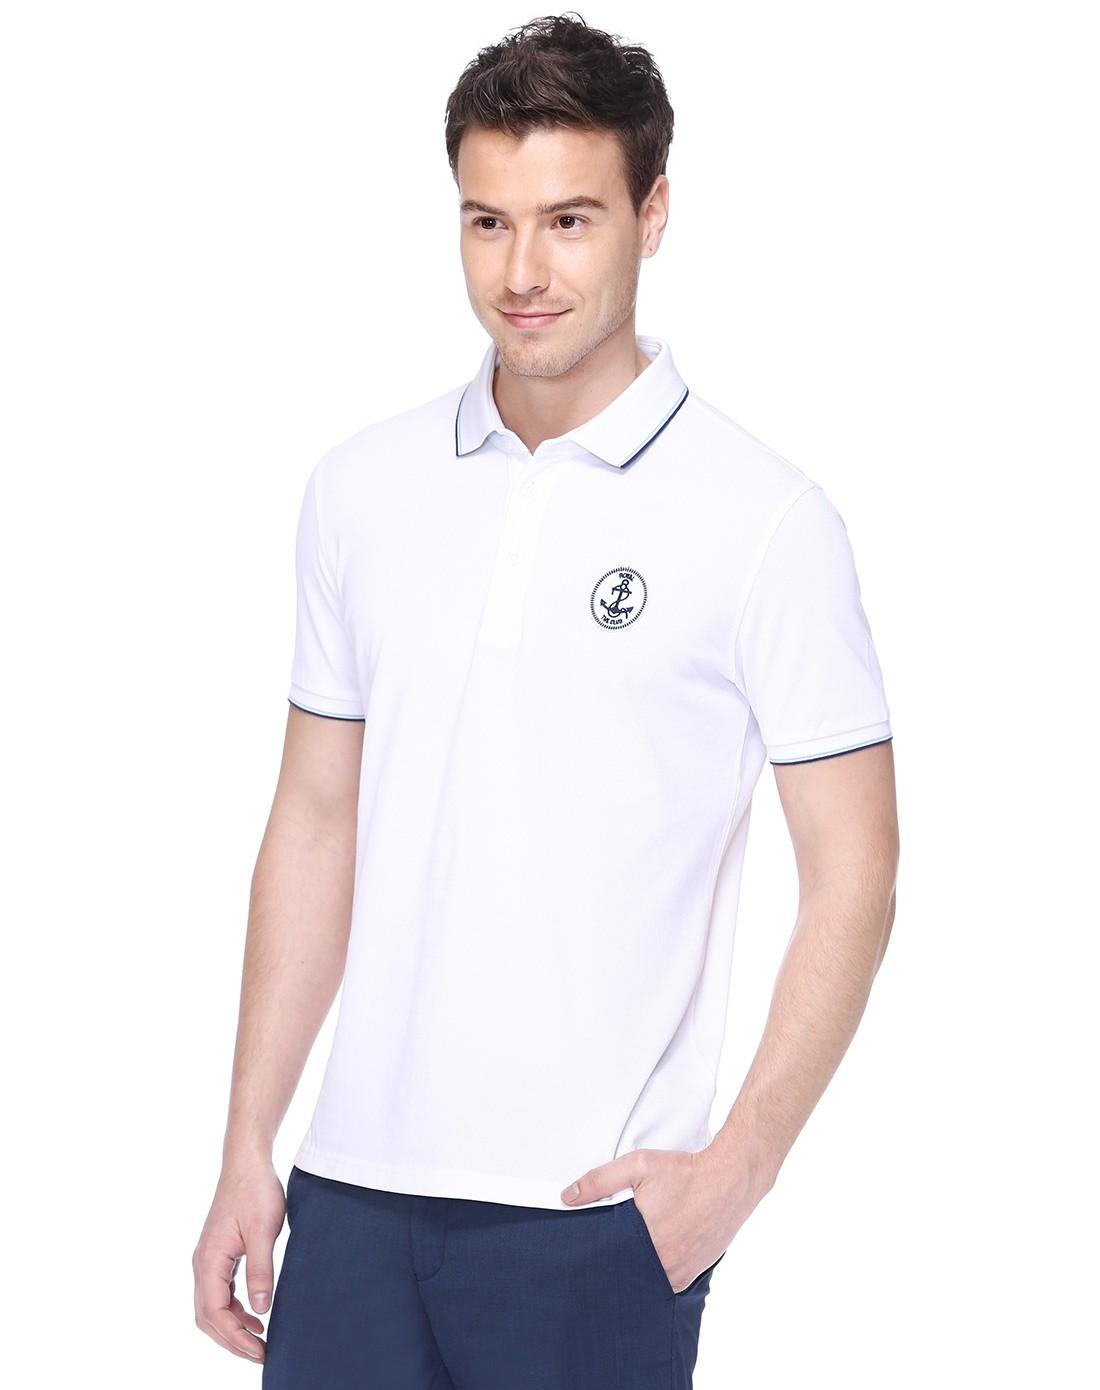 纯白短袖t恤